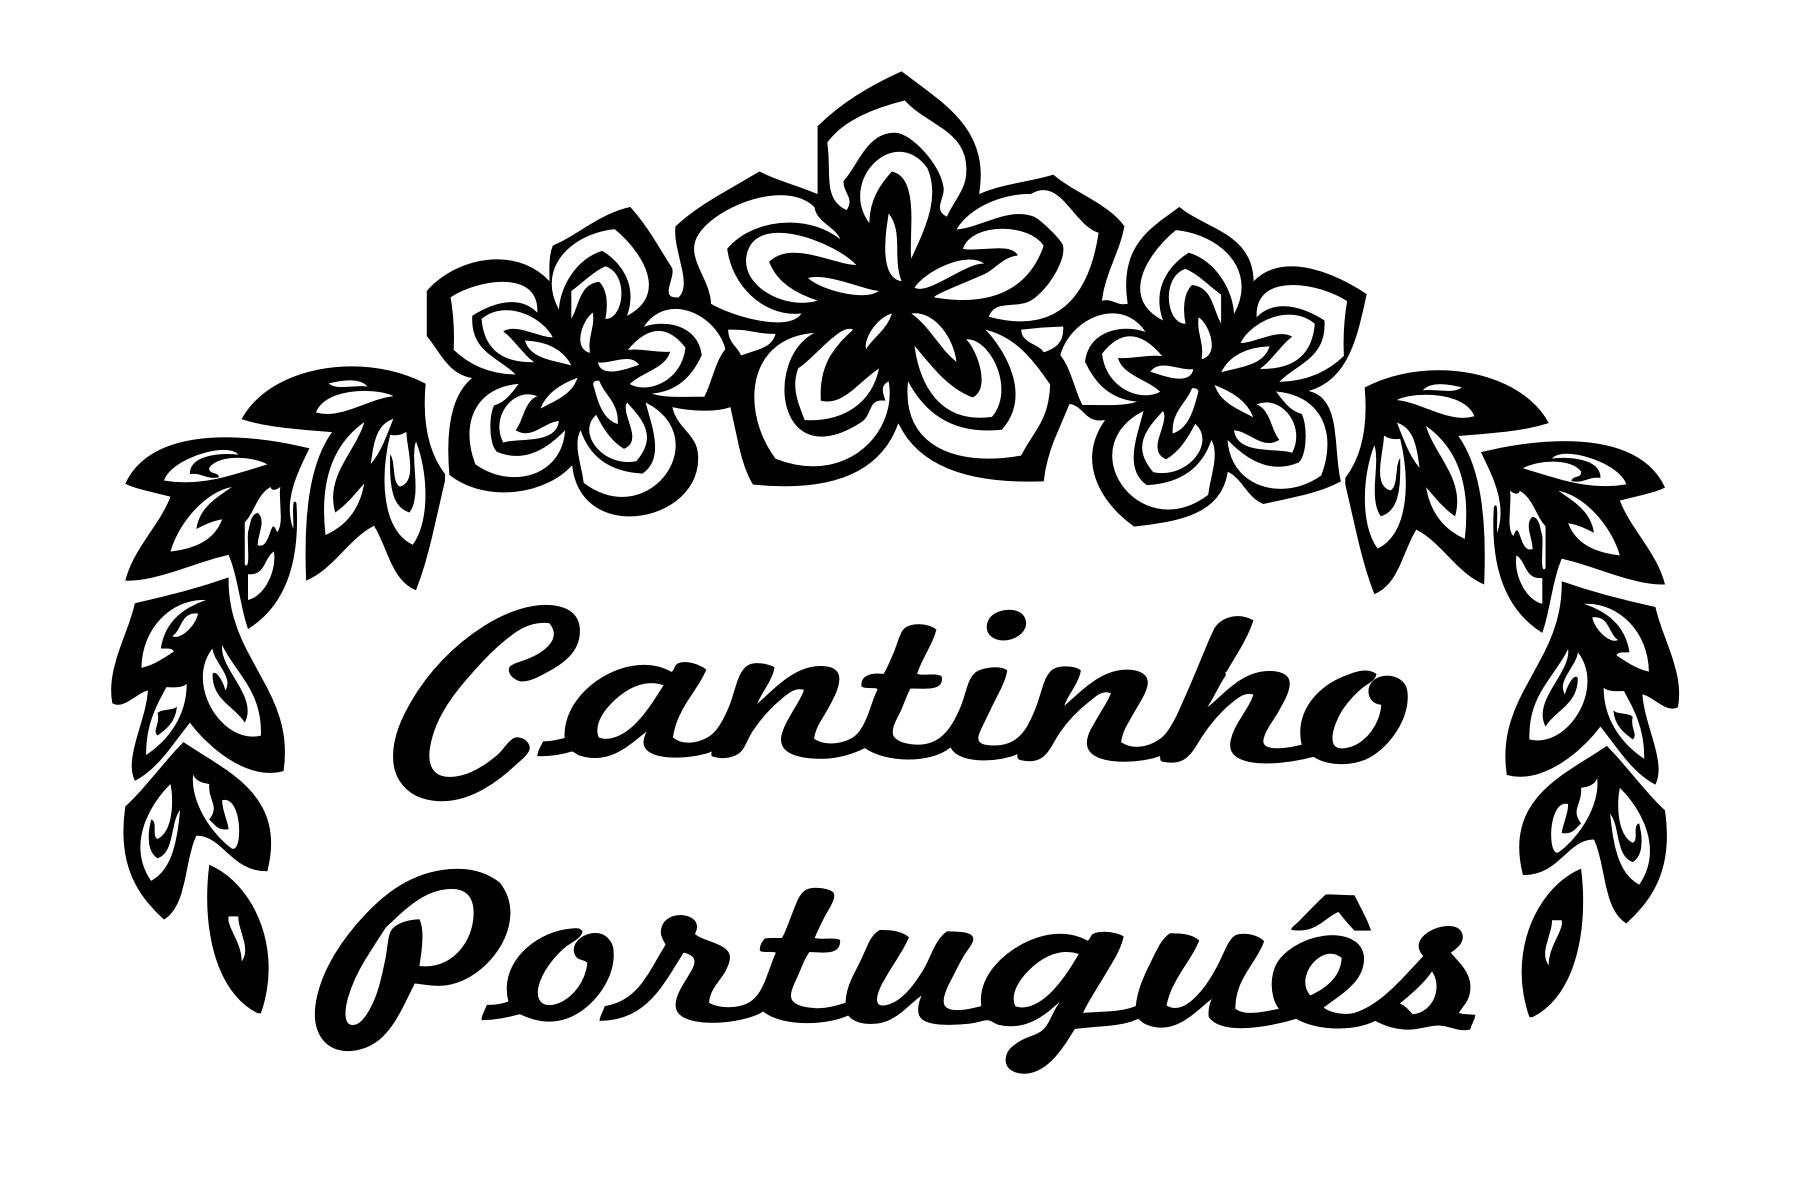 Cantinho Portugues